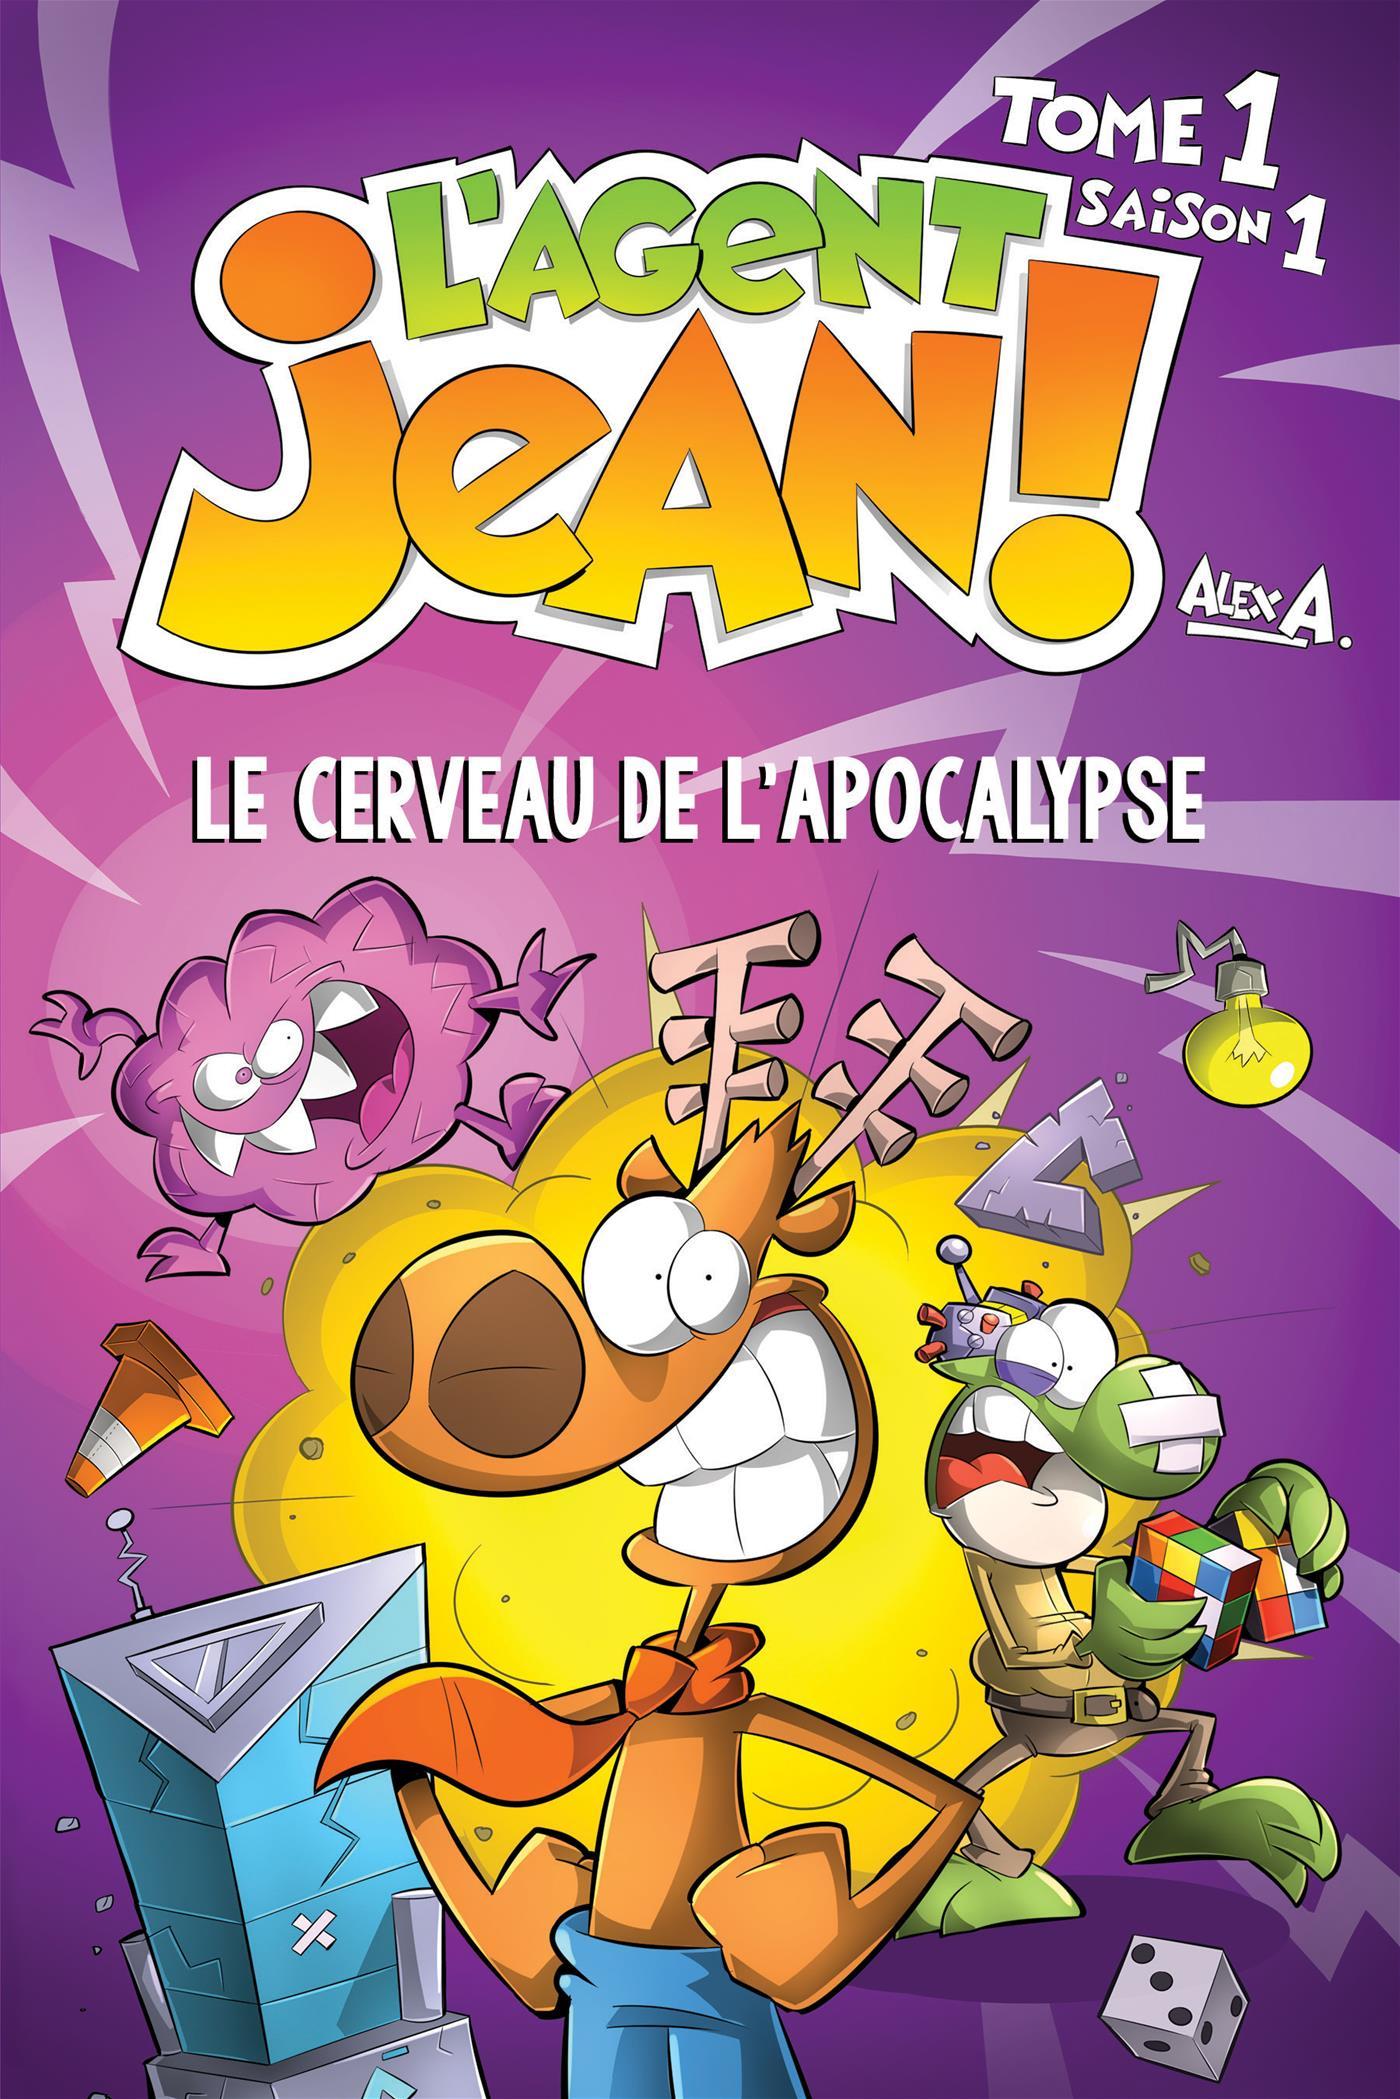 L'Agent Jean Tome 1. Le cerveau de l'apocalypse